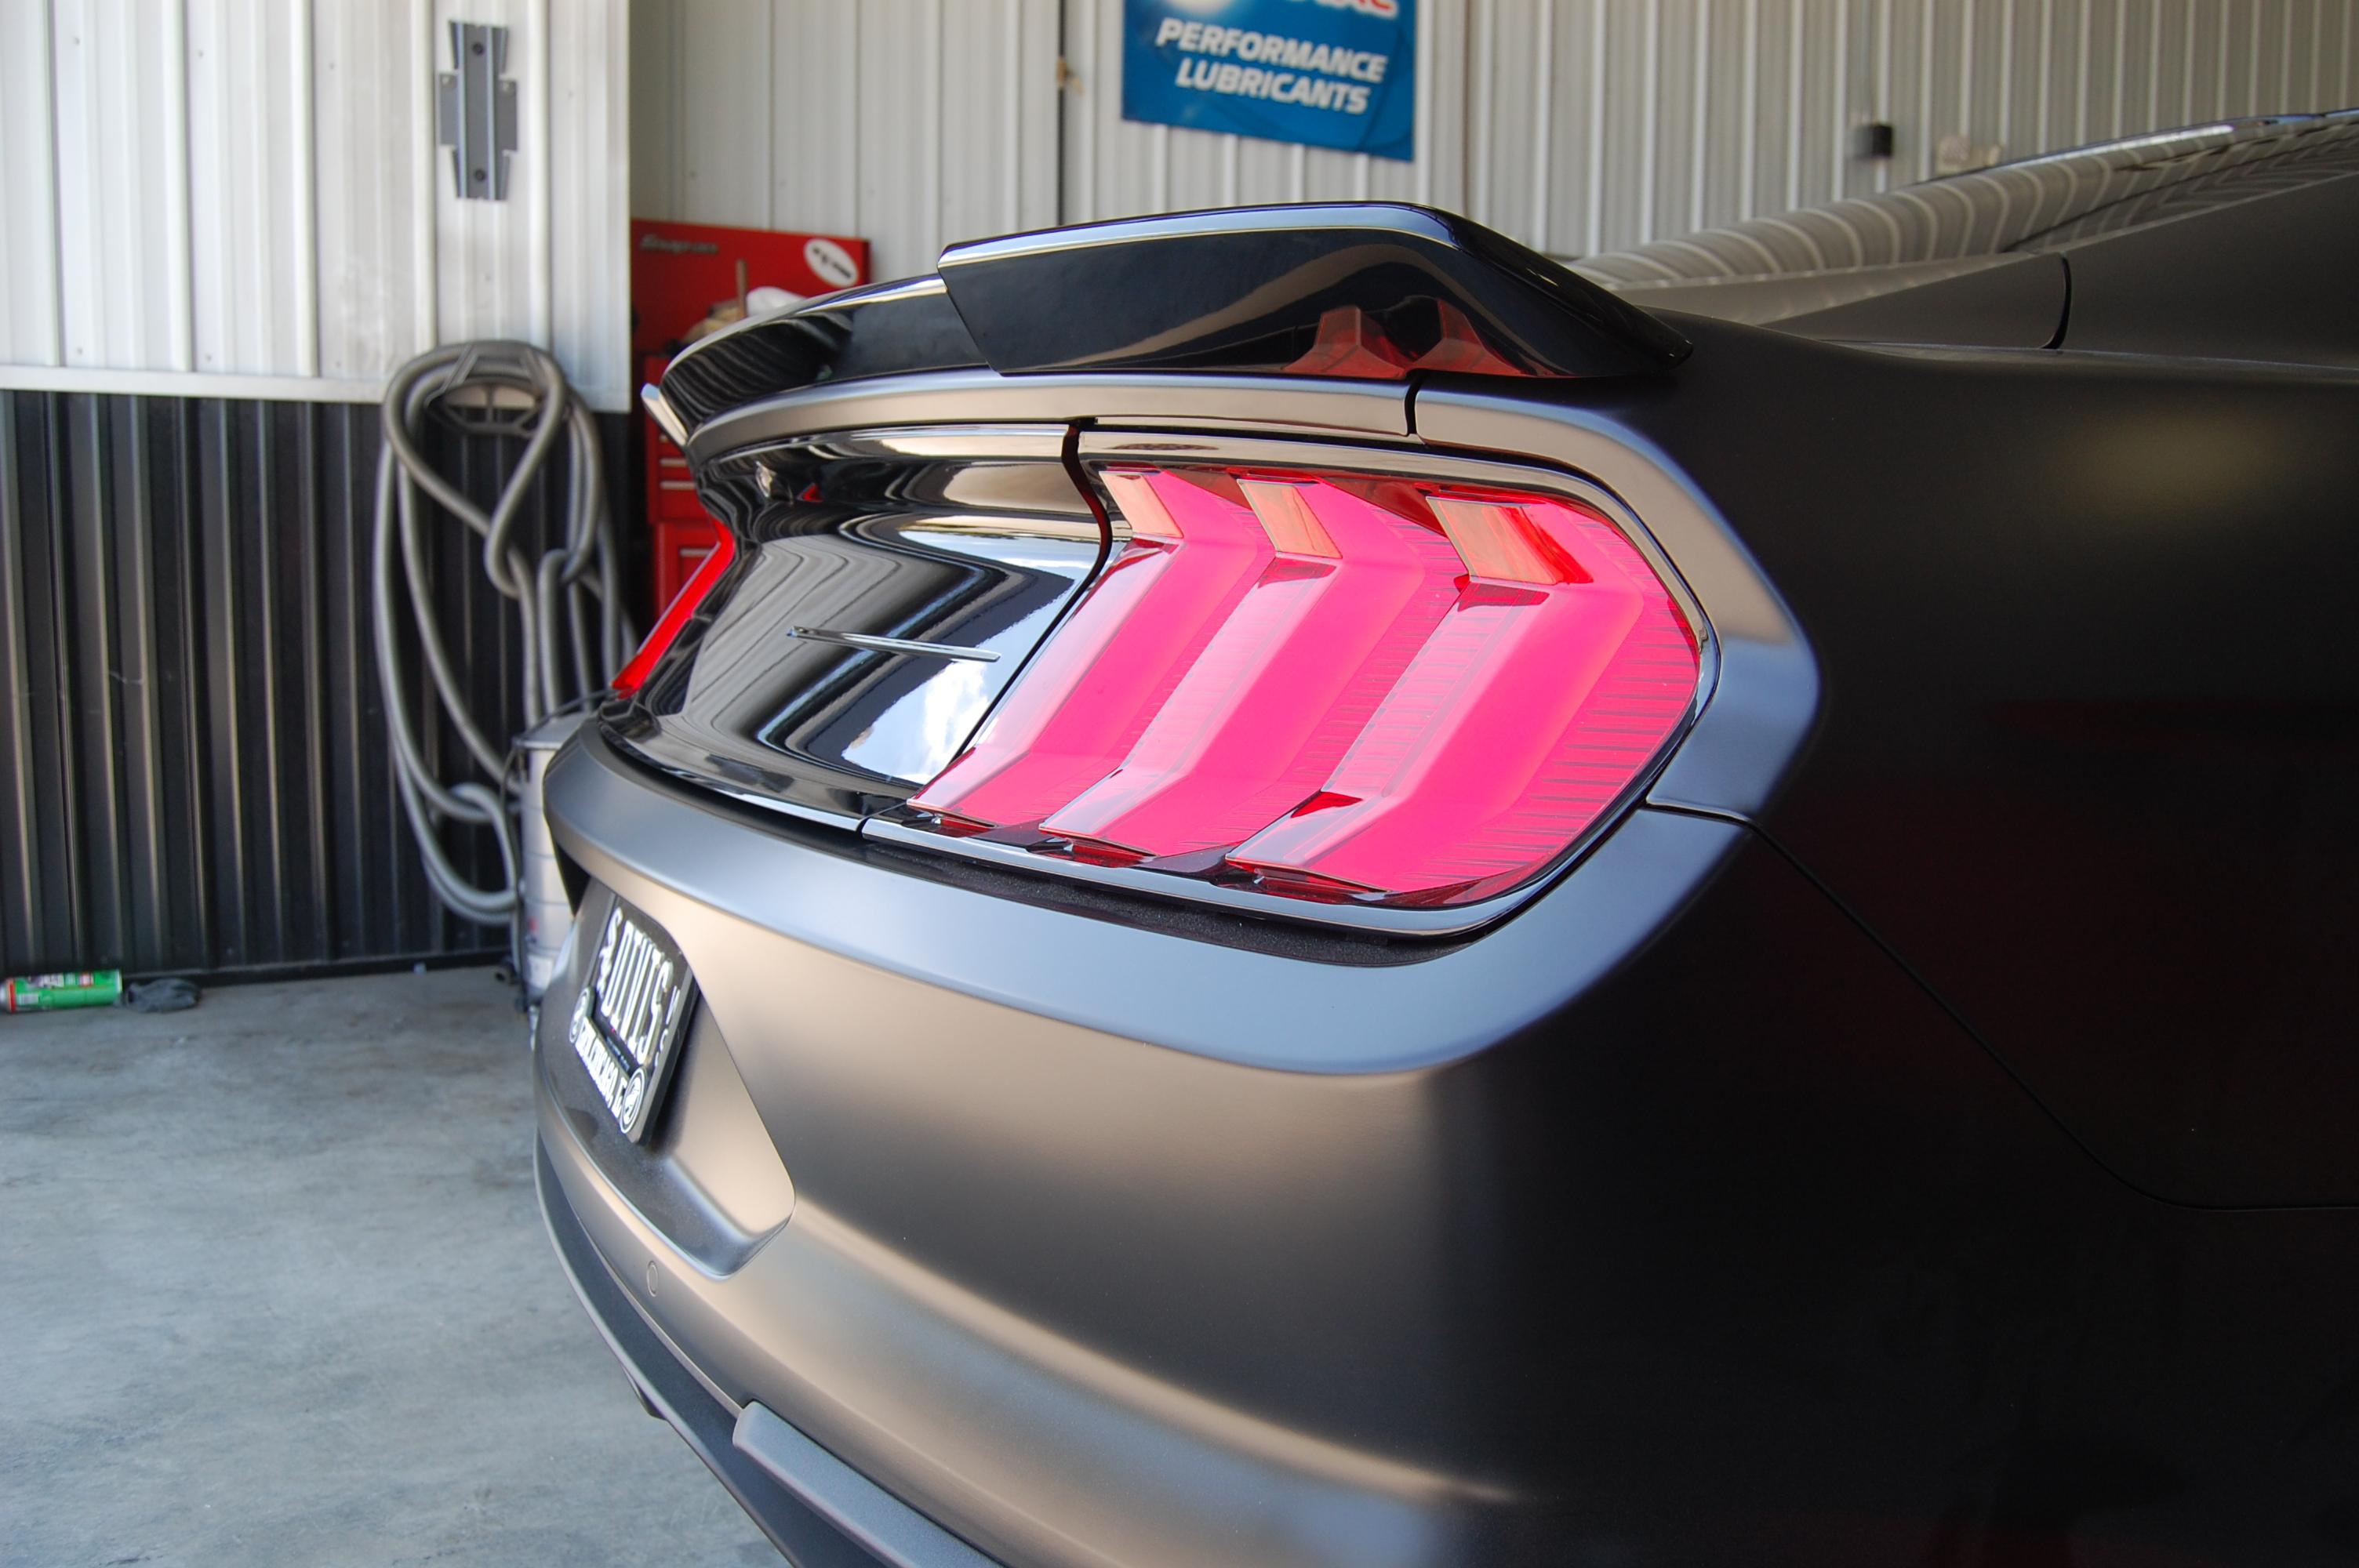 ROUSH Mustang Rear Spoiler Install Mechanic Naperville (4)